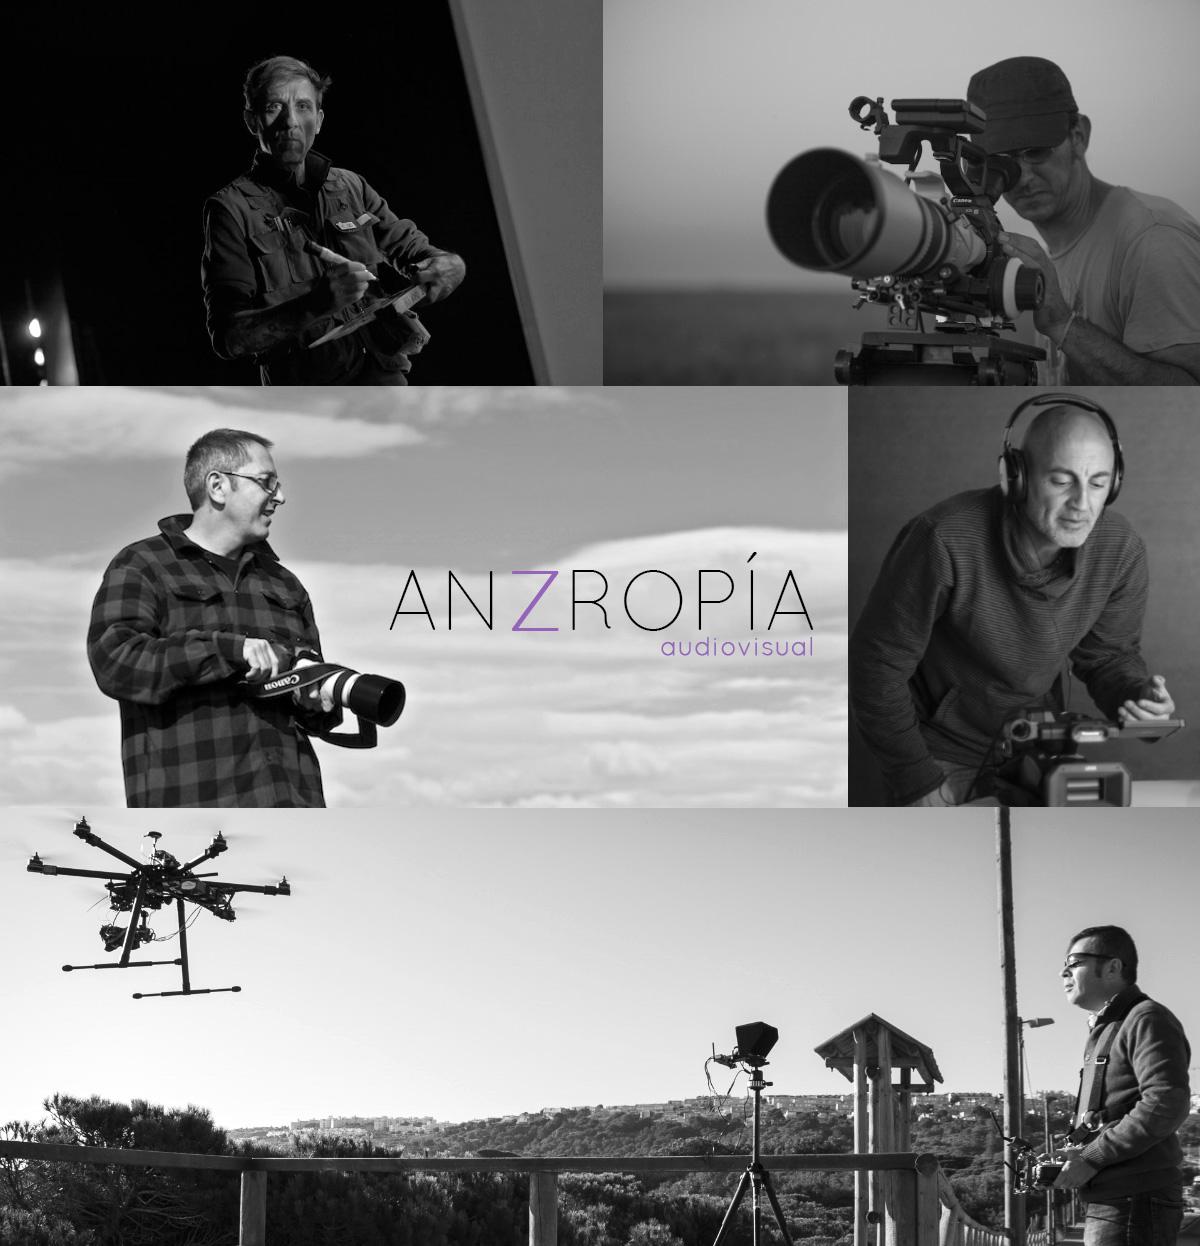 Anzropia